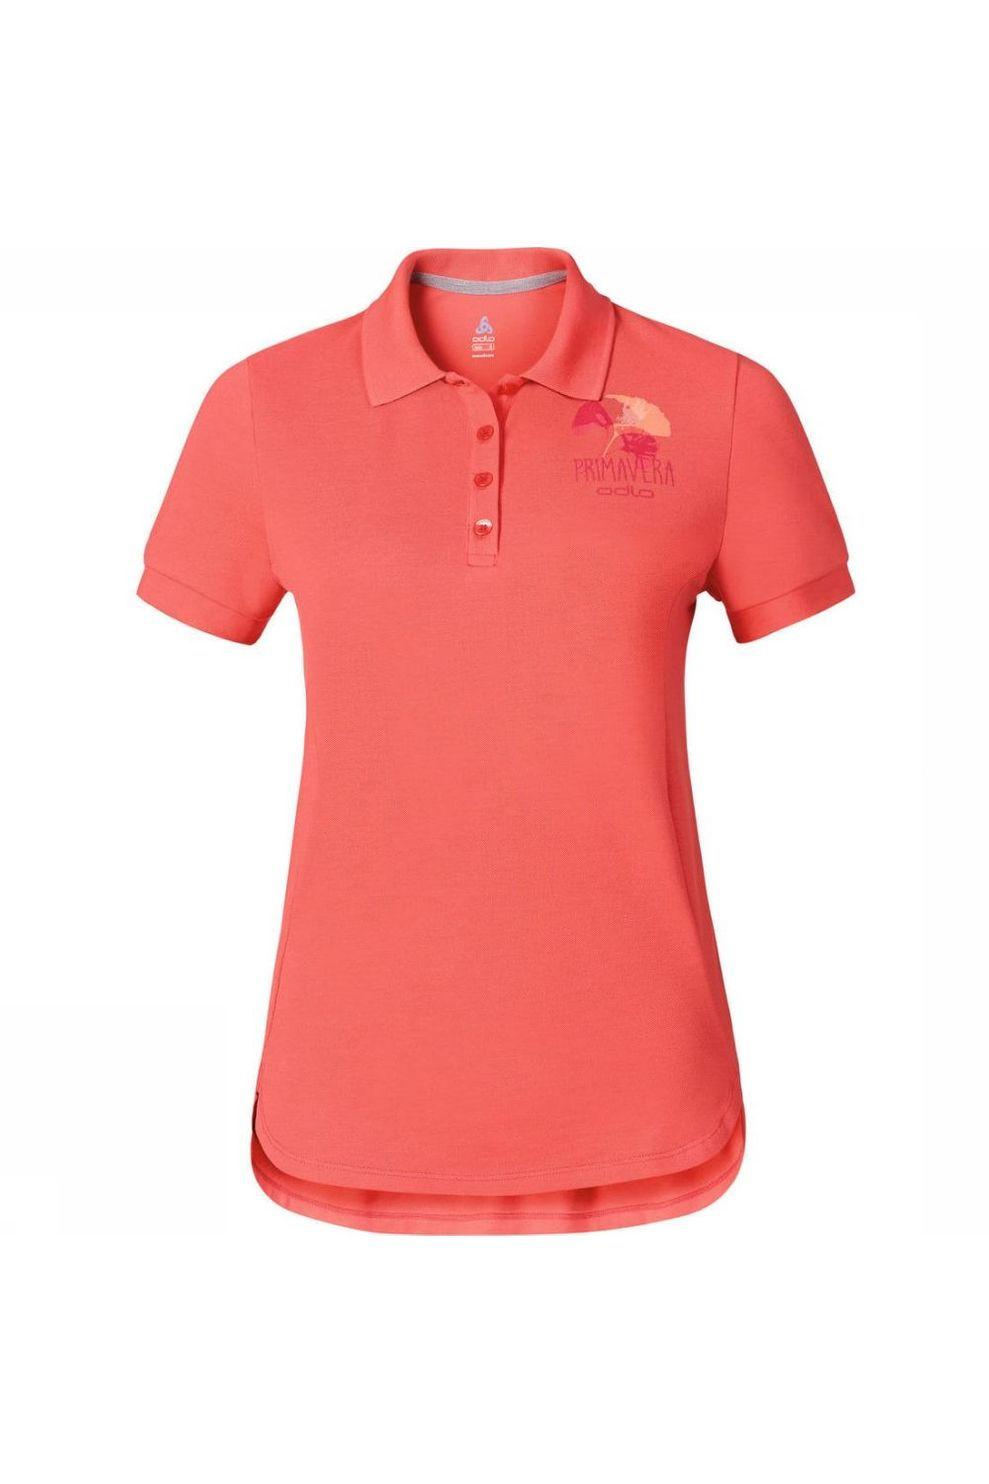 Odlo Polo Polo Shirt S/S Trim Primavera voor dames - Roze - Maten: S, M, L